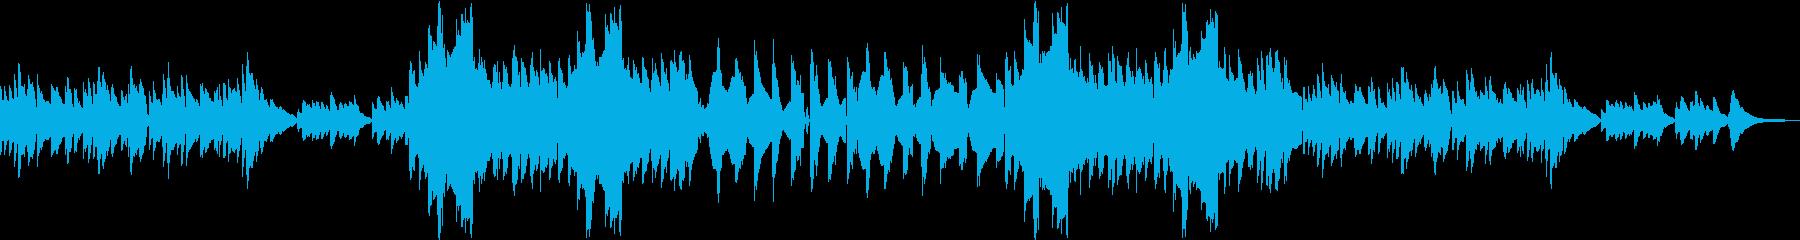 クラリネットとピアノでしっとりの再生済みの波形